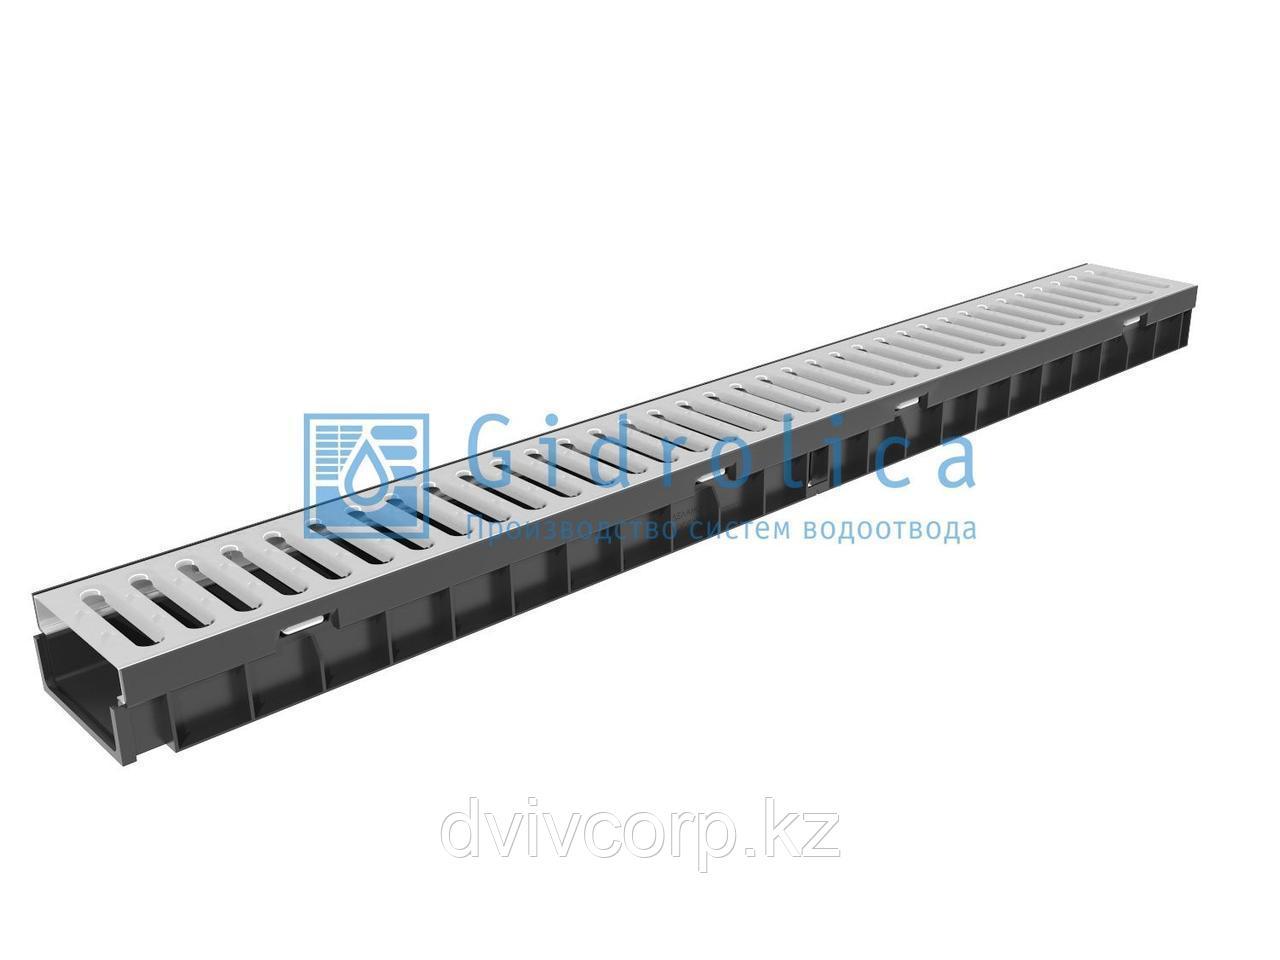 Арт. 08096 Комплект Gidrolica Light: лоток водоотводный ЛВ -10.11,5.5,5 - пластиковый со стальной реш, кл. A15